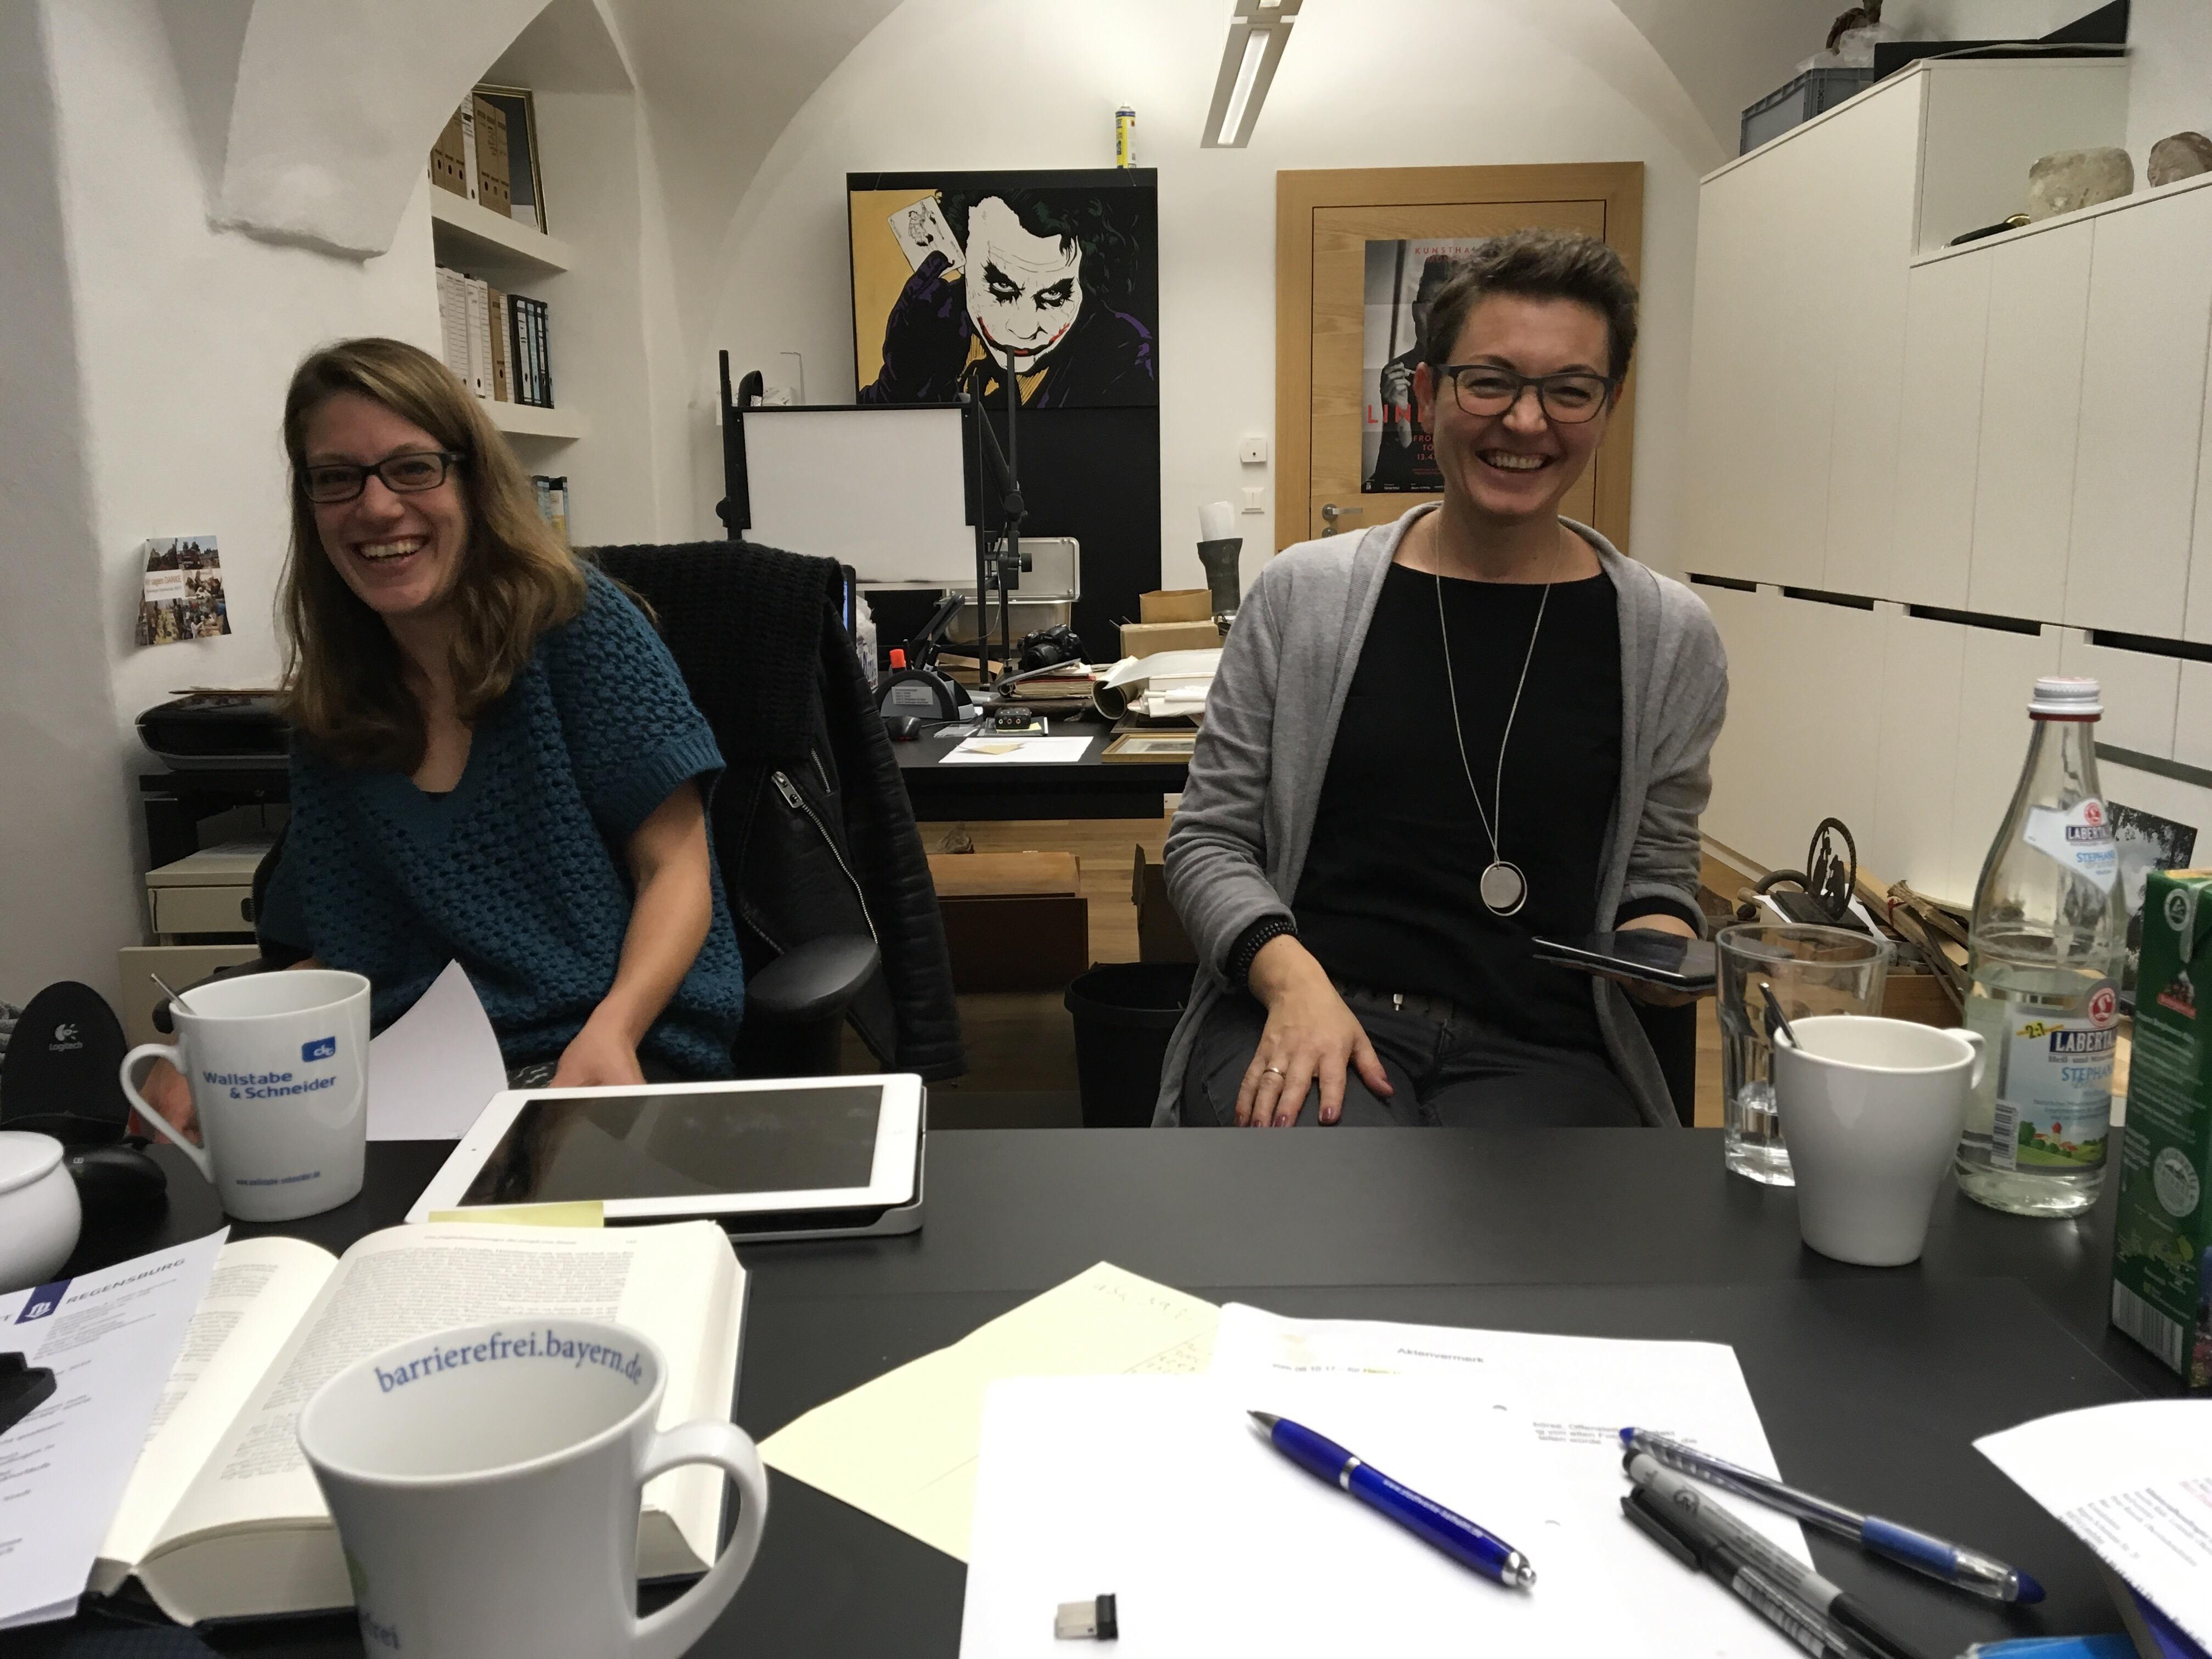 Bild von der ersten Besprechung für das Projekt